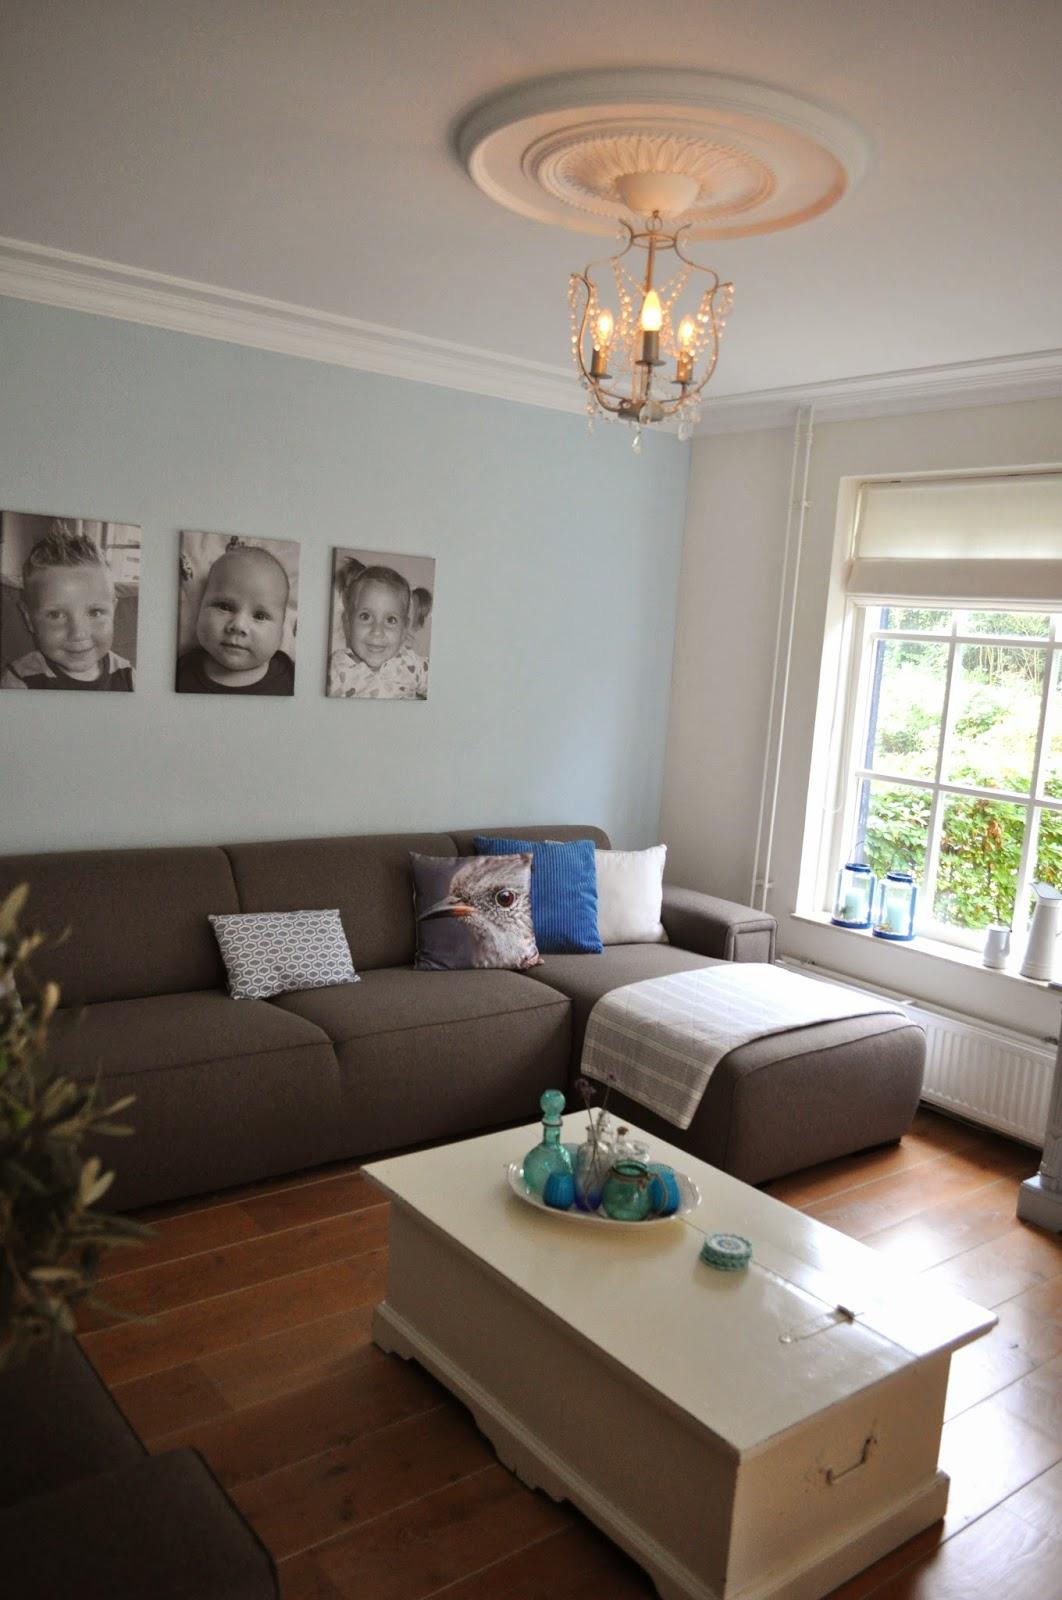 39 t bezige bijtje nieuw interieur kleur en granny dekentje - Kleur grijze ruimte ...